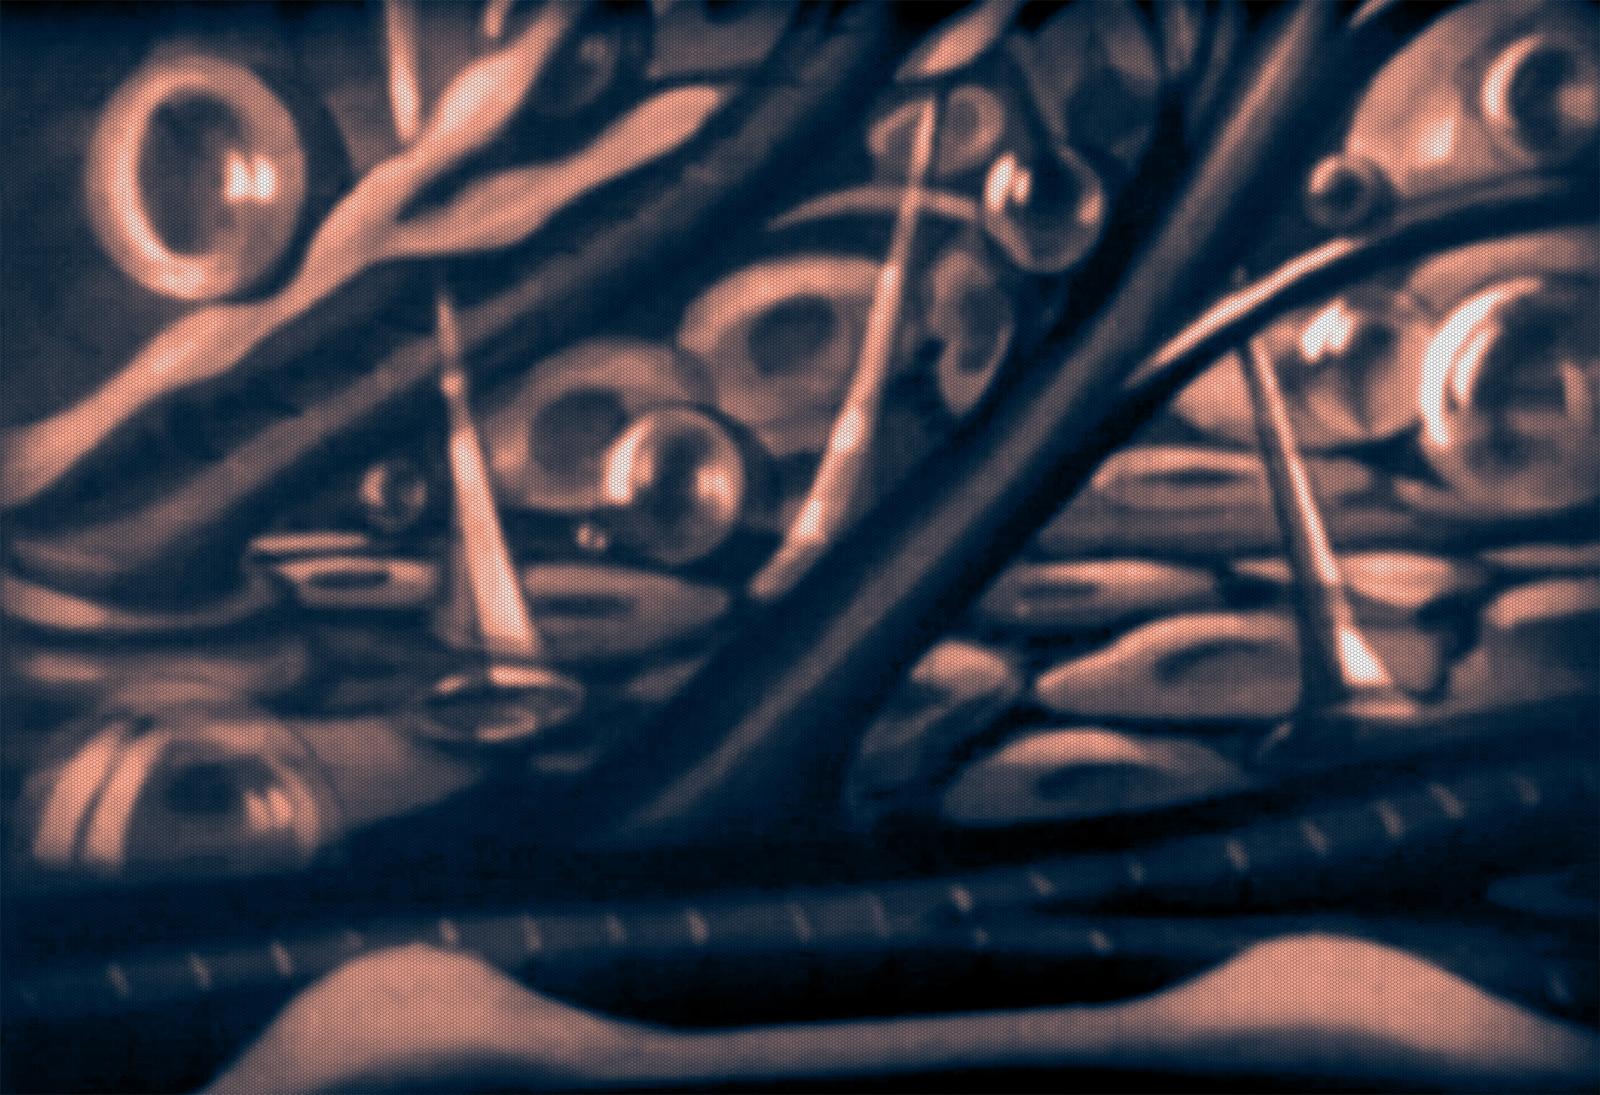 Edgar Ulmer's Canon of Cinema Contagion